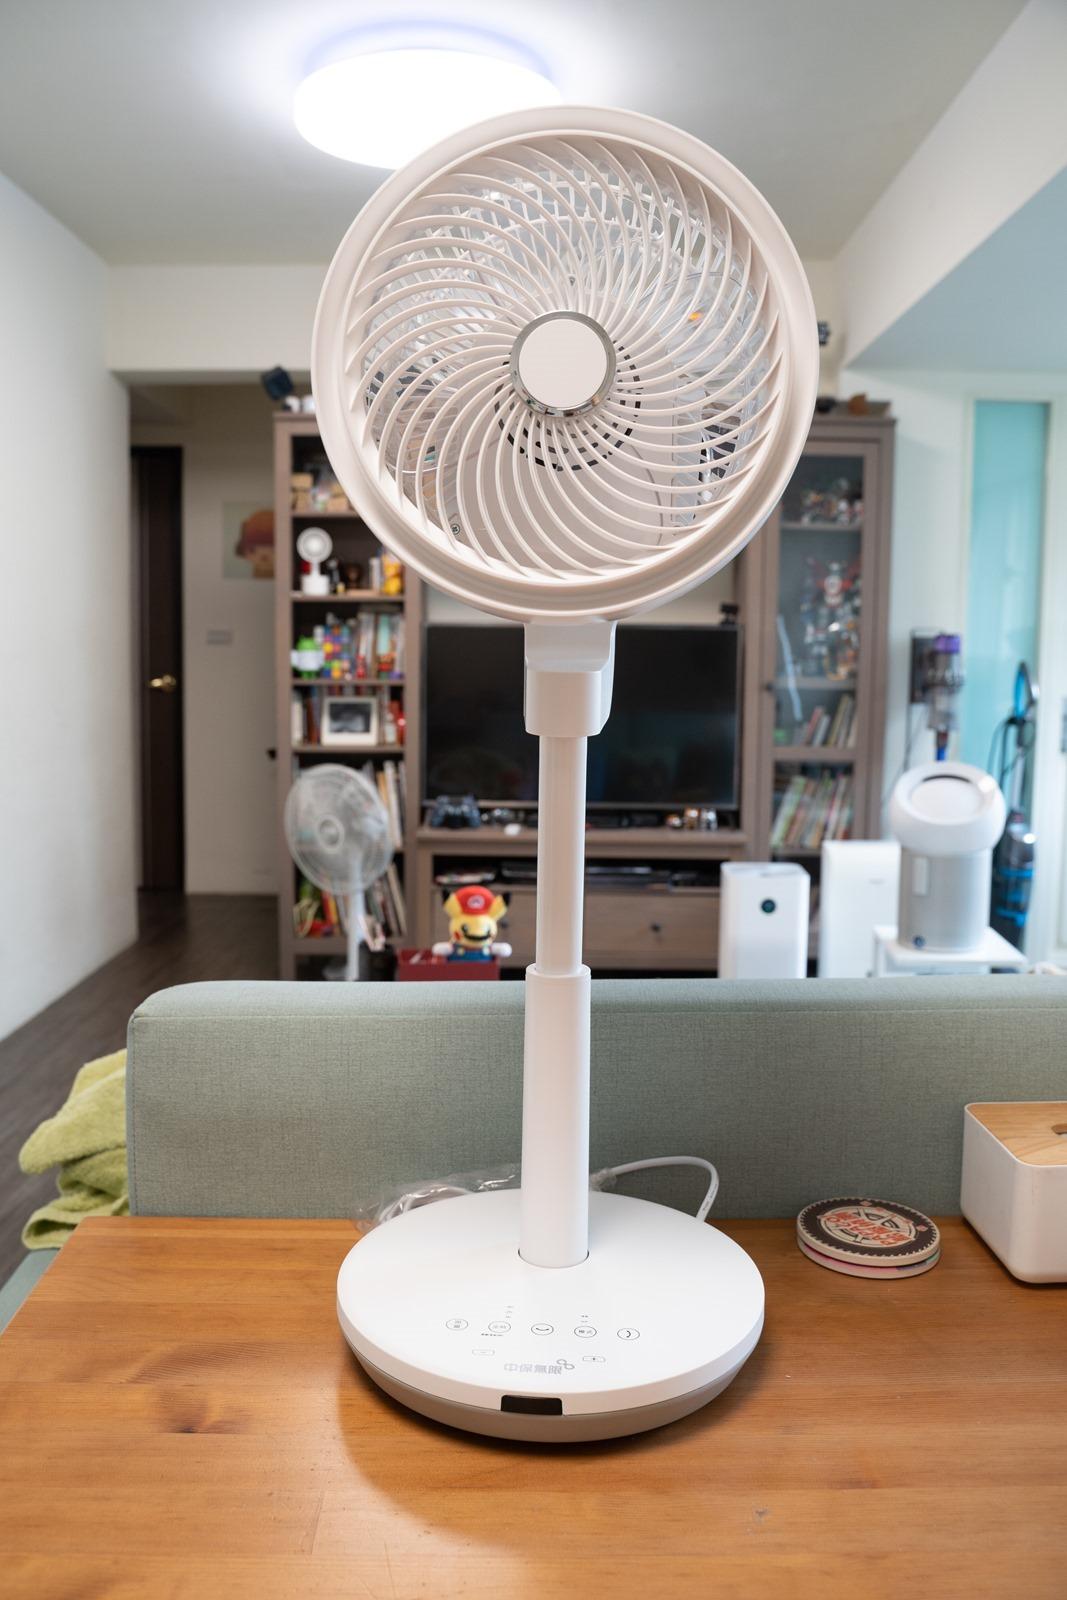 中保無限+ AIR CIRCULATOR 空氣循環扇,科技對流智慧連動、輕鬆生活涼一夏 @3C 達人廖阿輝